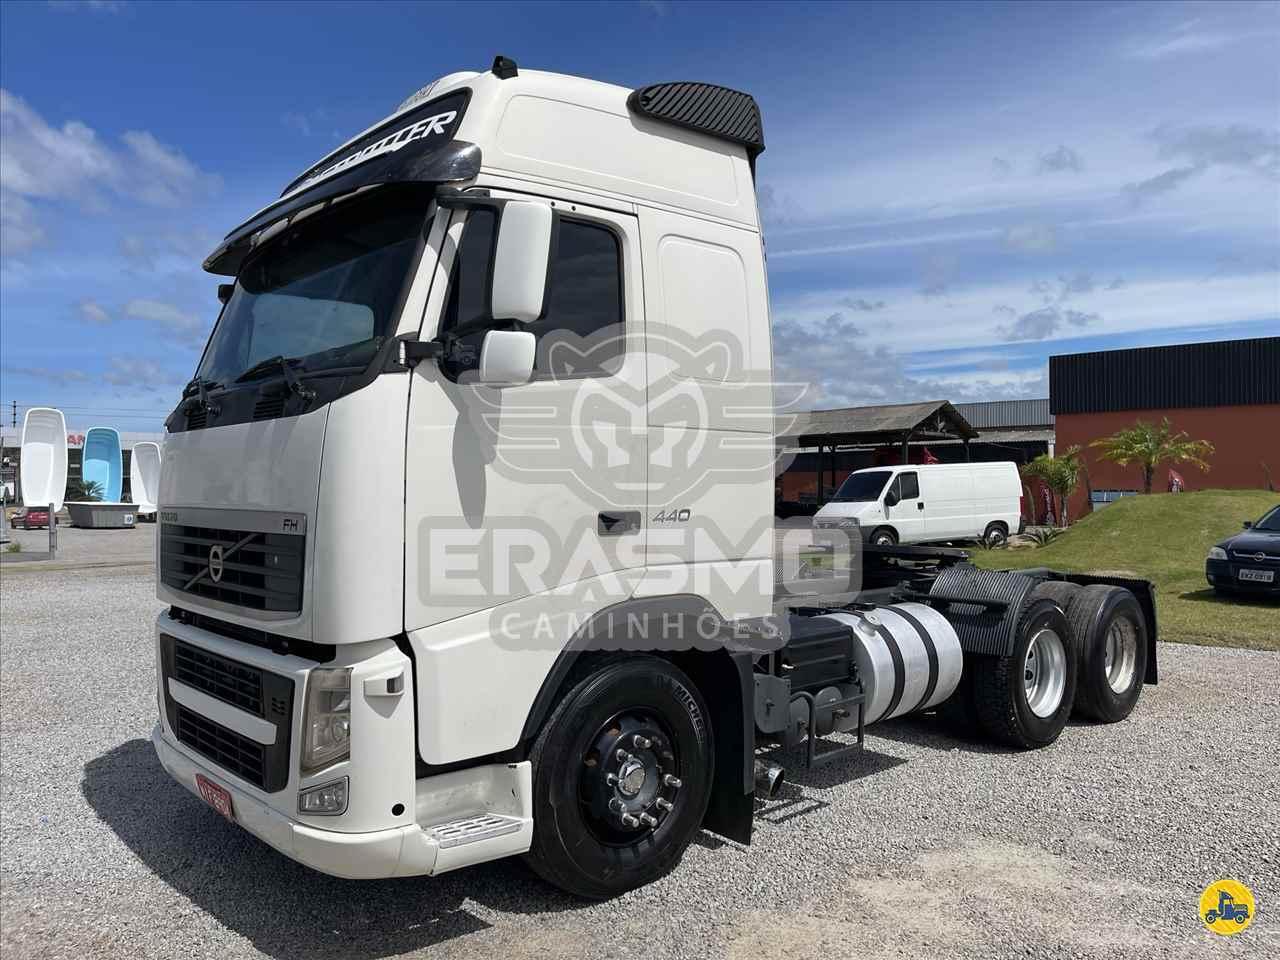 CAMINHAO VOLVO VOLVO FH 440 Cavalo Mecânico Truck 6x2 Erasmo Caminhões TUBARAO SANTA CATARINA SC